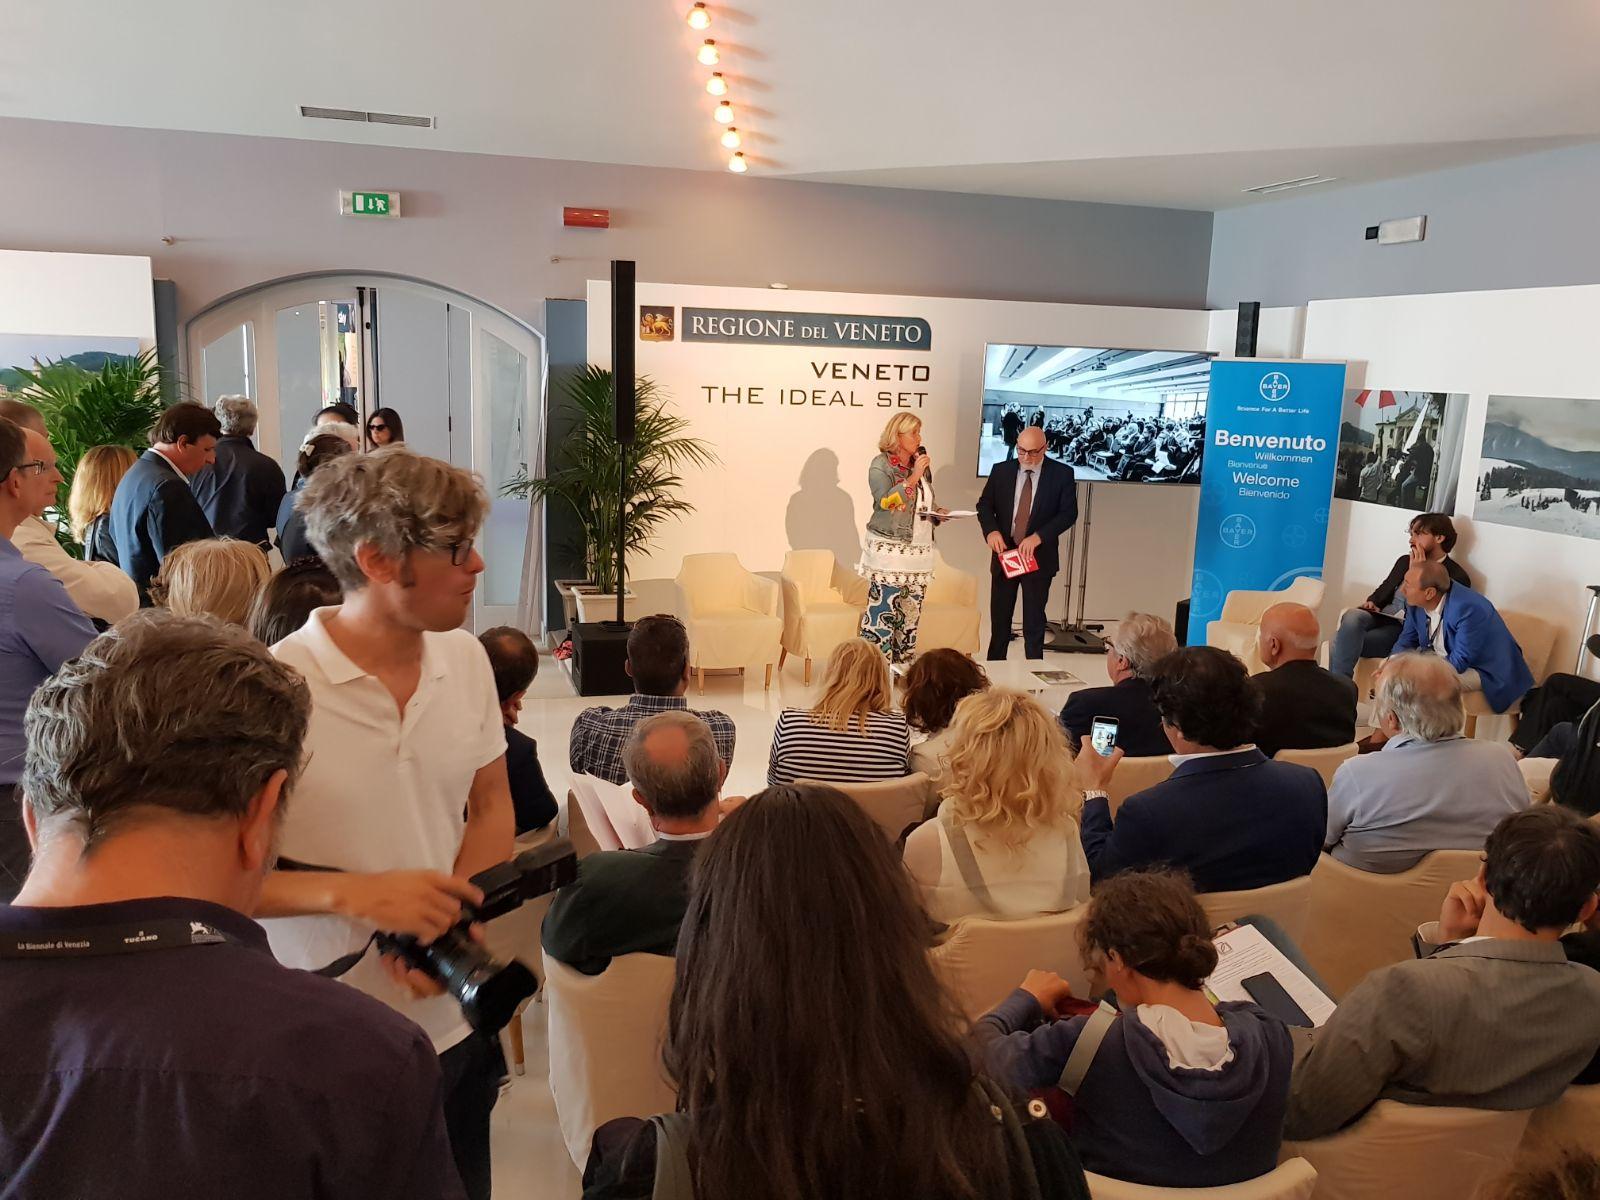 conferenza-stampa-venezia-2017 (2)